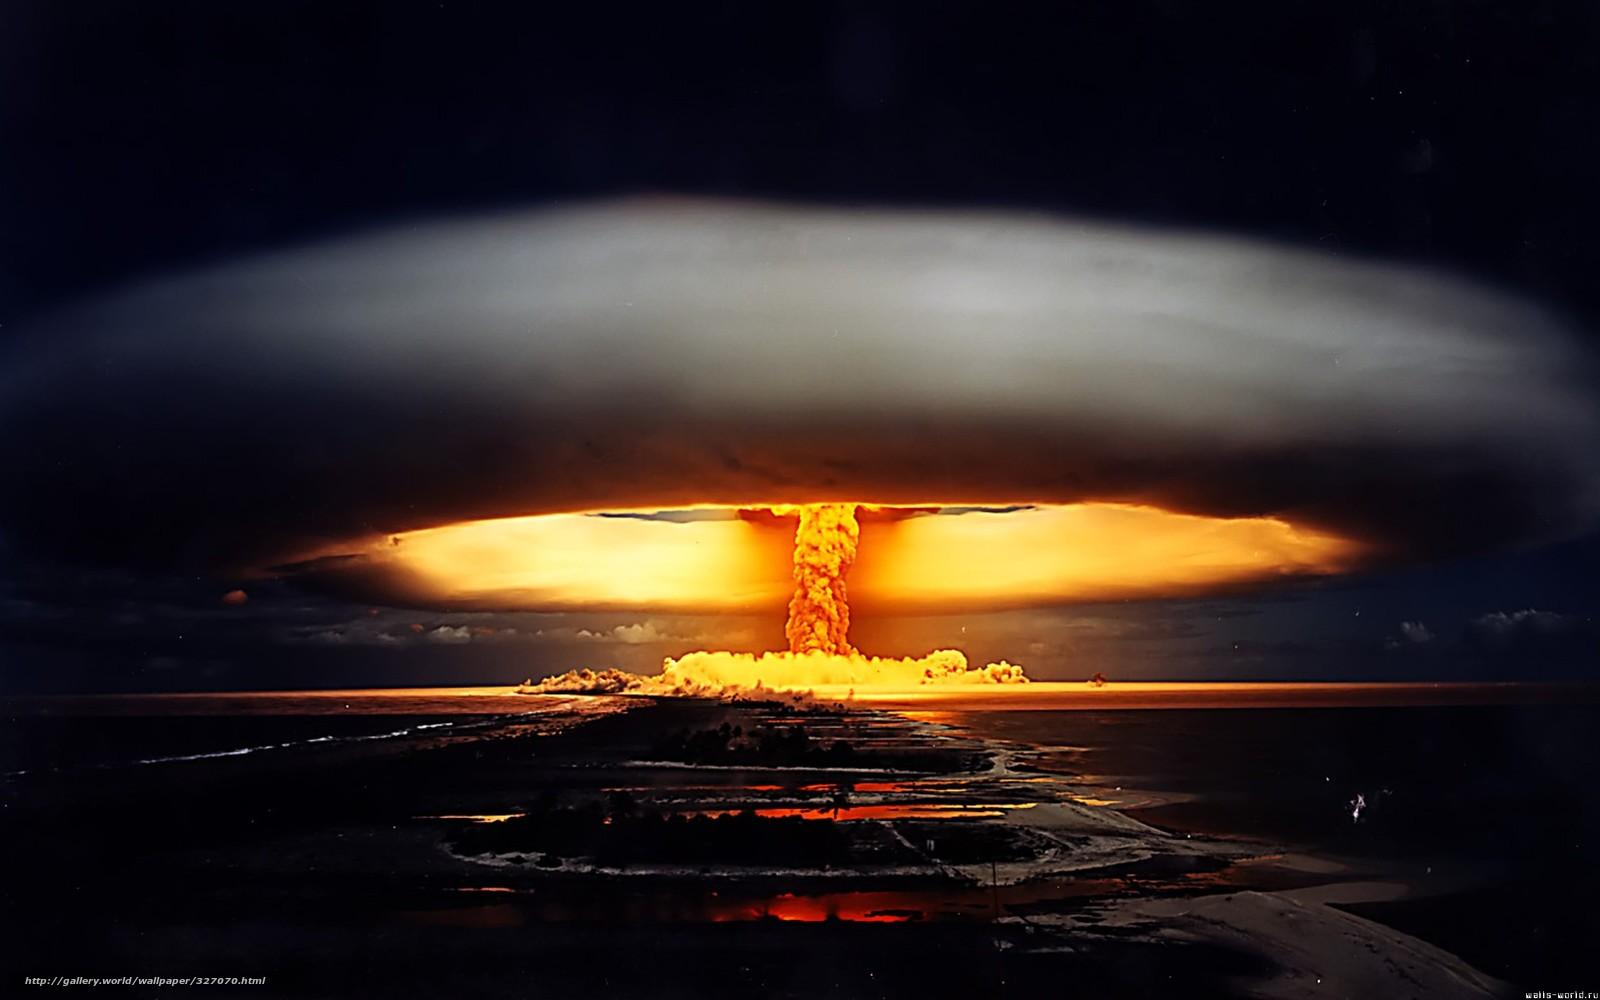 Киевлянин : Надо было на Крым атомную бомбу! (+18)